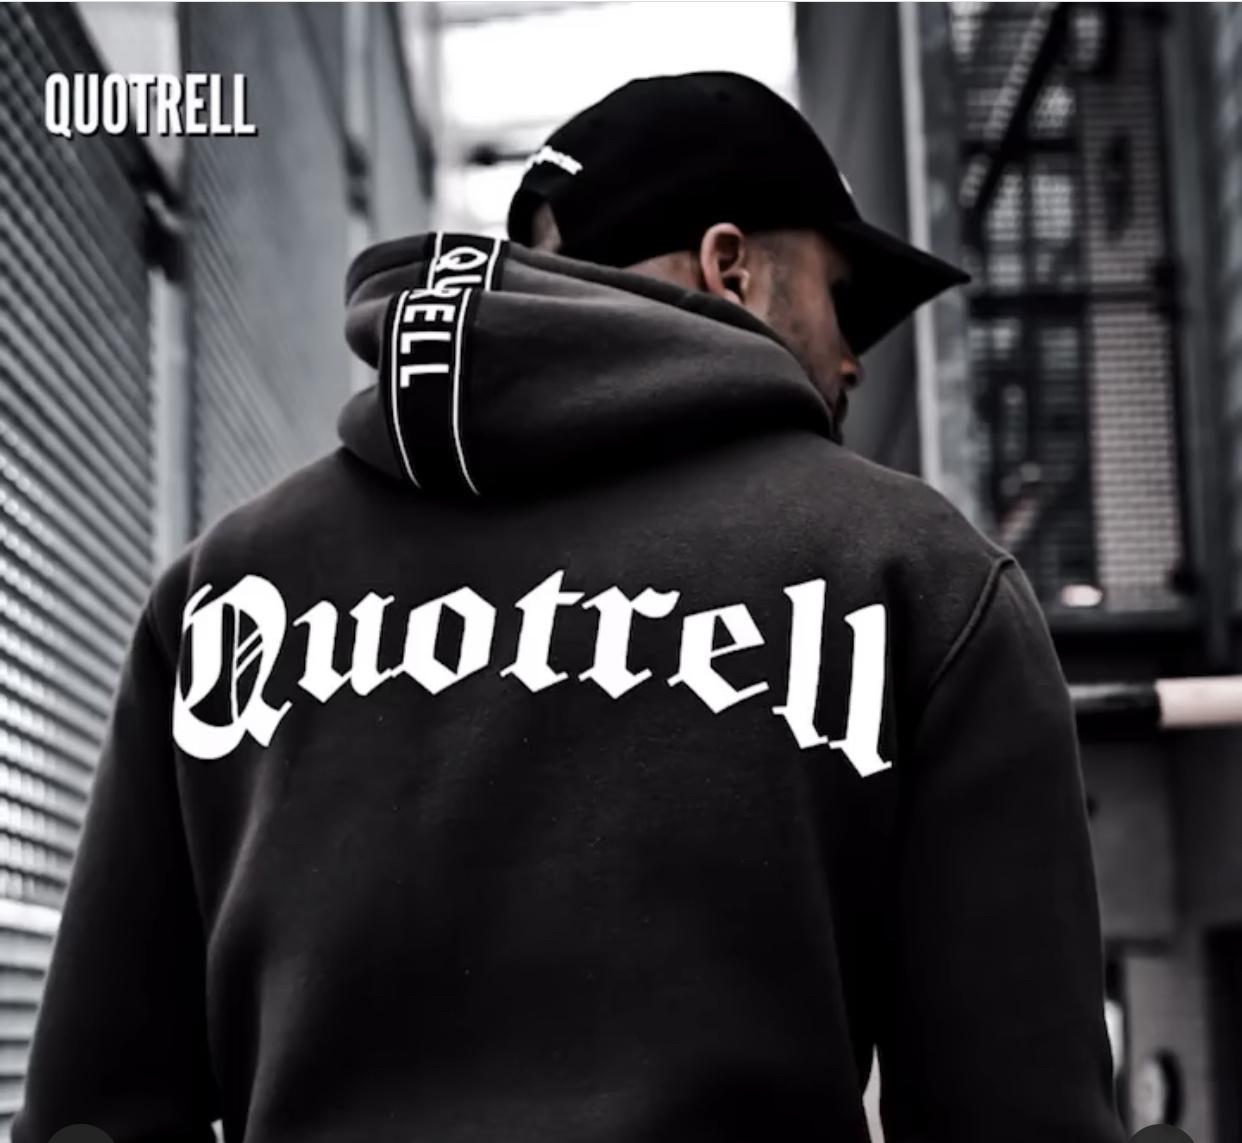 Quotrell | Nieuwe collectie